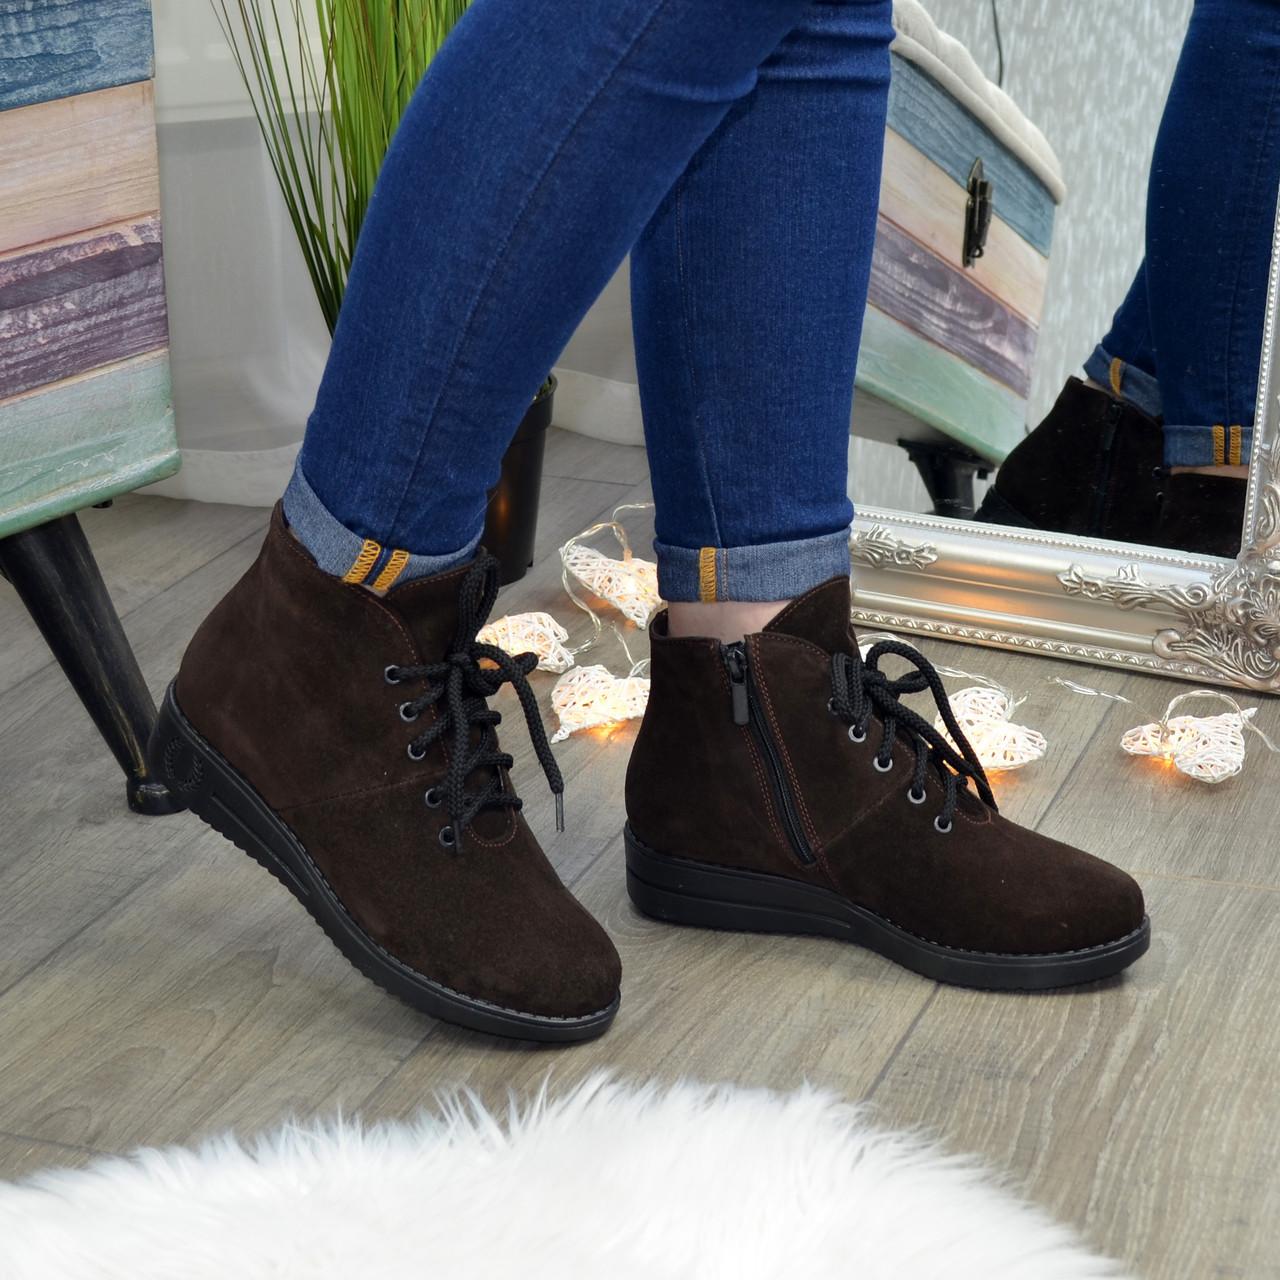 Ботинки женские коричневые замшевые на шнуровке